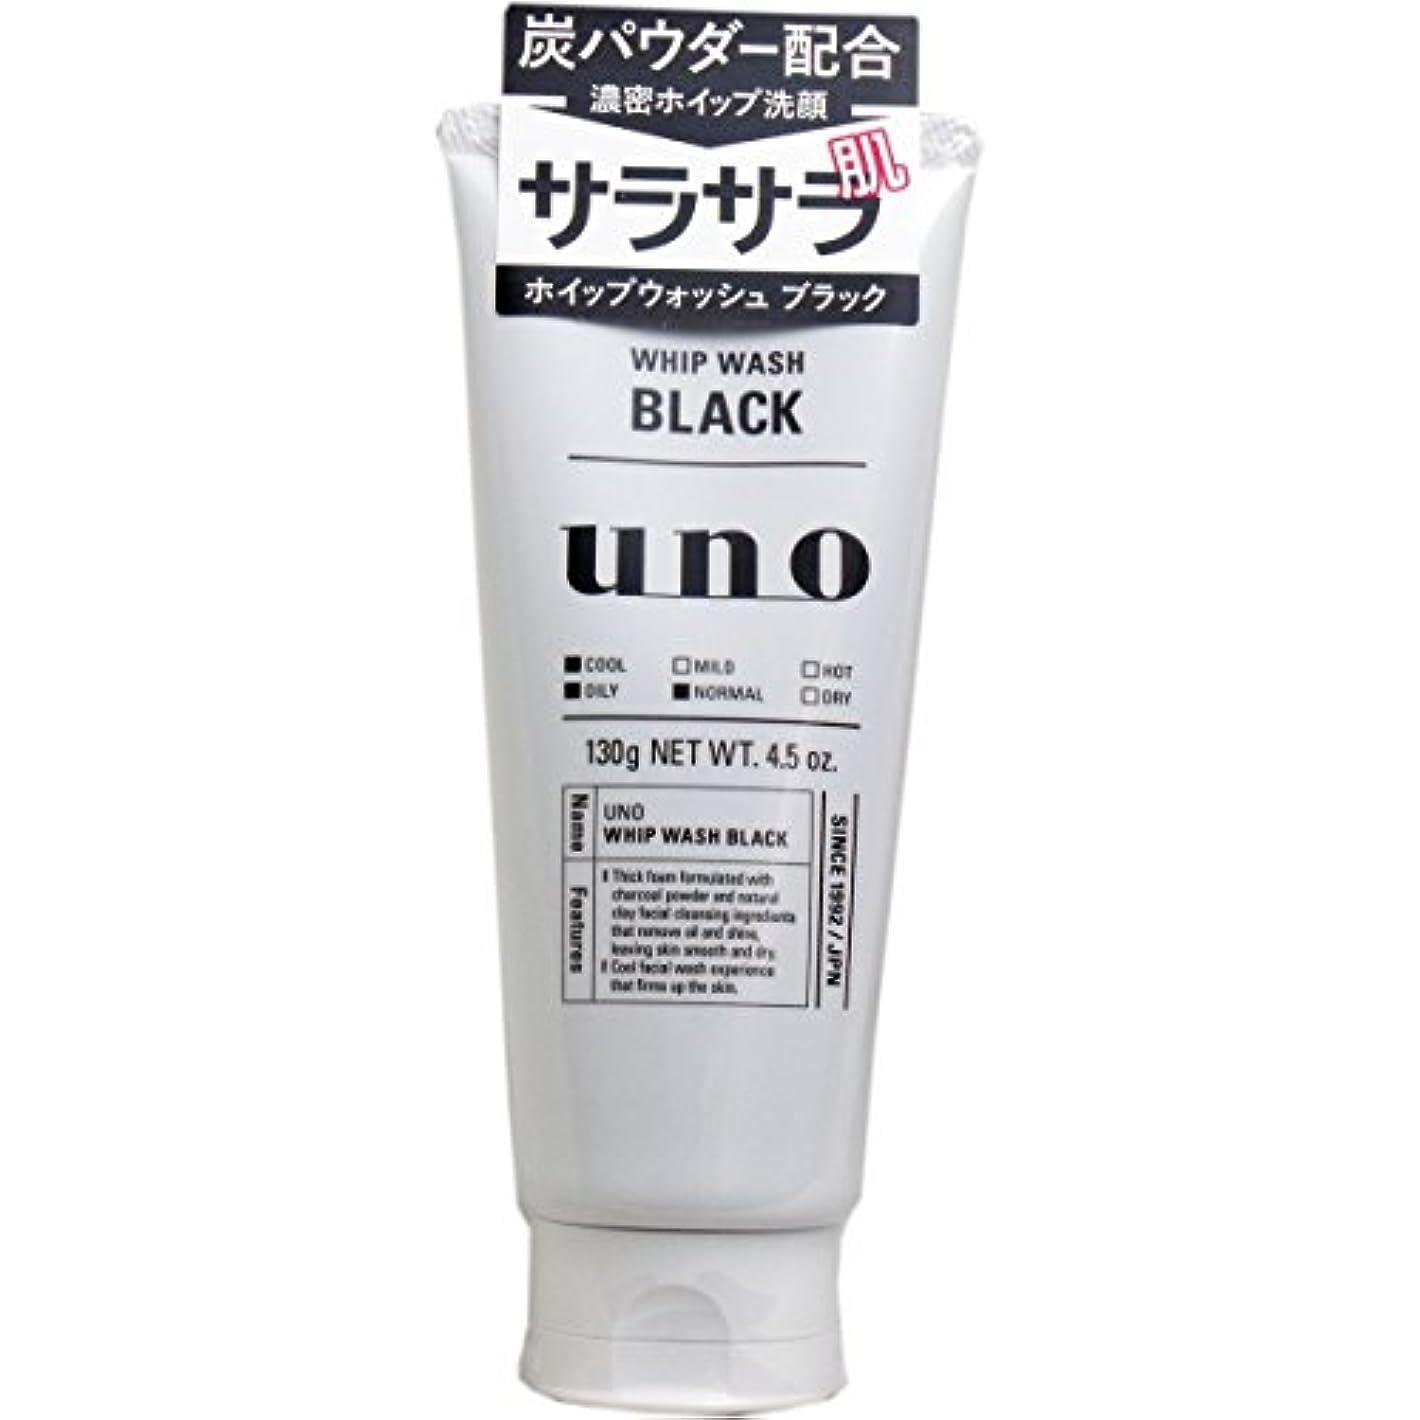 ケイ素トーストもの【まとめ買い】ウーノ ホイップウォッシュ (ブラック) 洗顔料 130g×6個